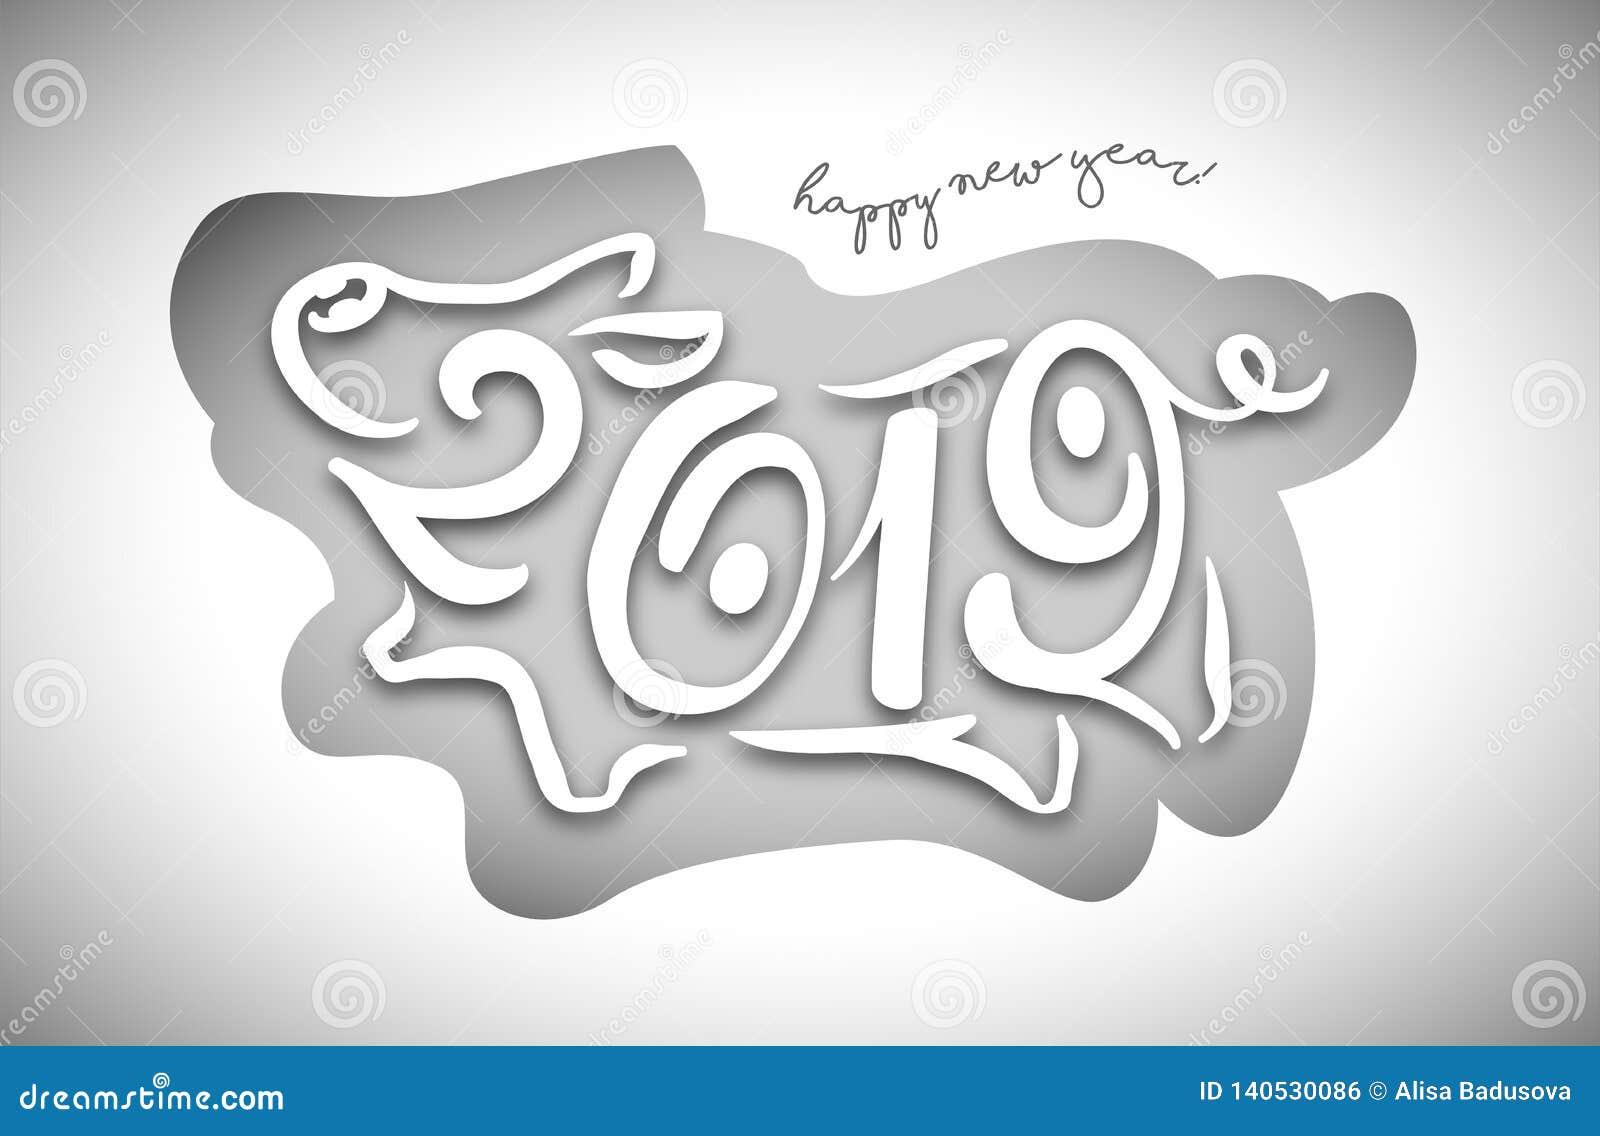 Милая смешная свинья счастливое Новый Год Китайский символ 2019 год Превосходная праздничная карточка подарка также вектор иллюст